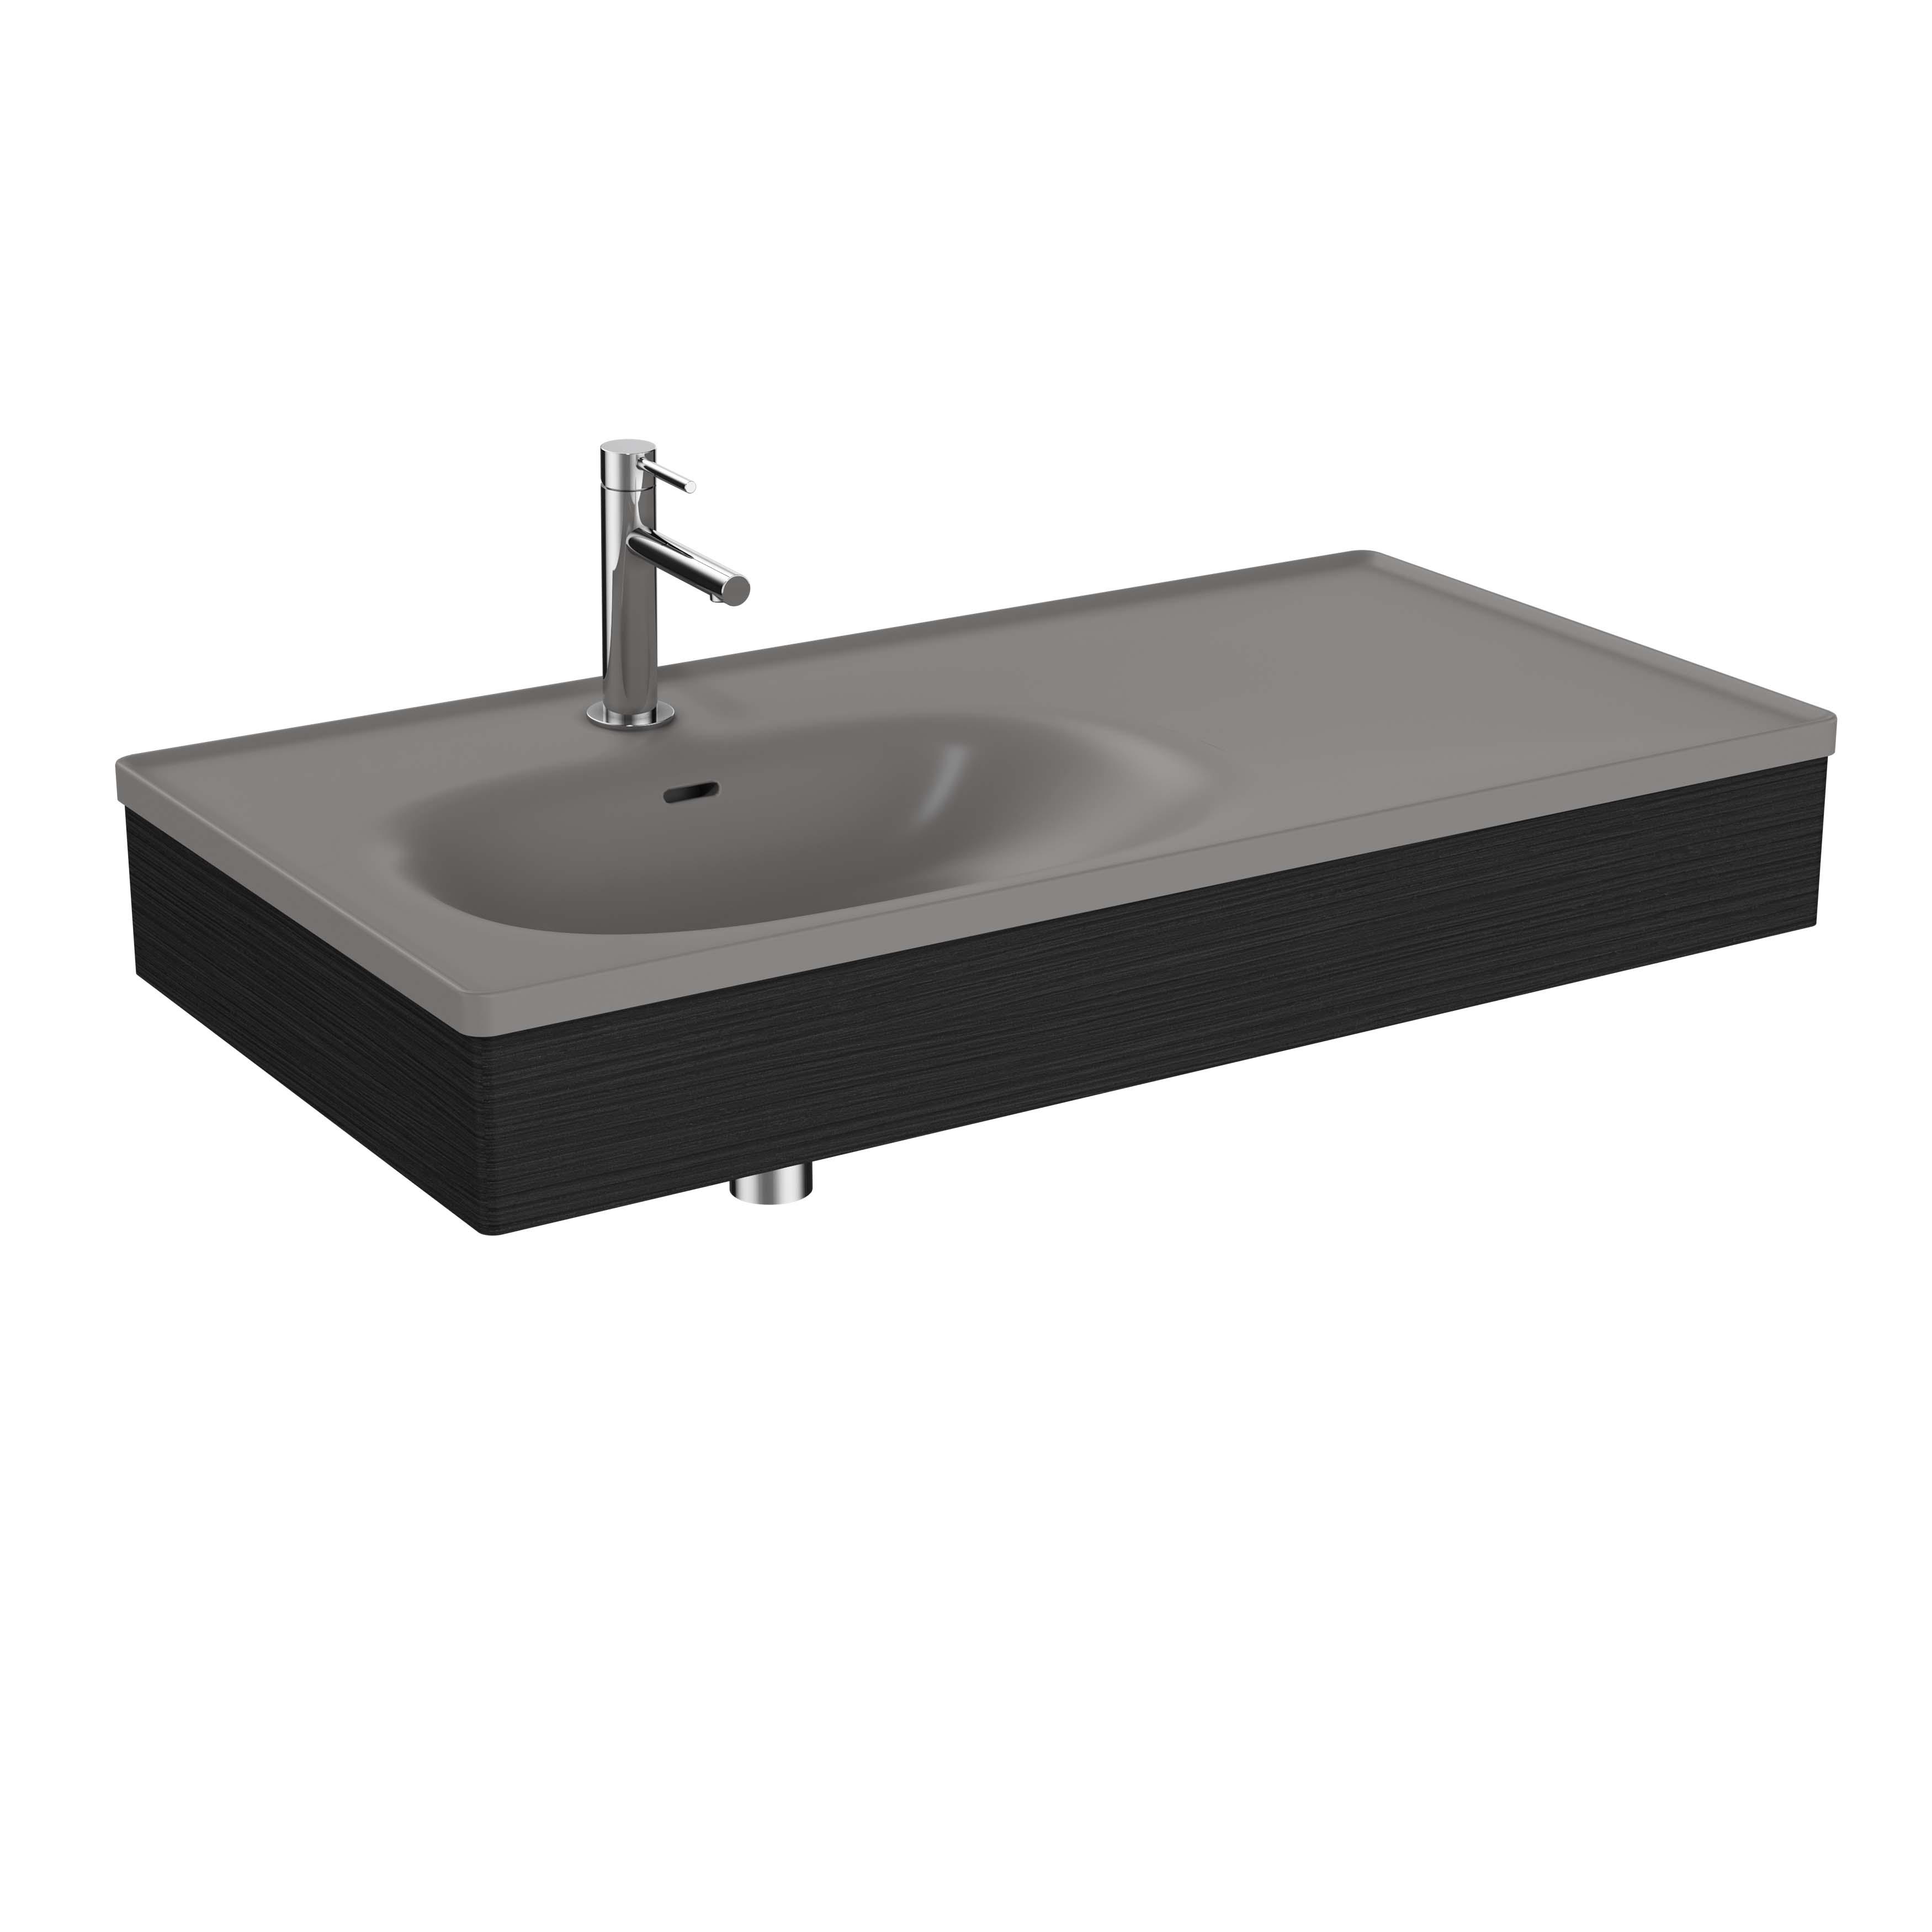 Equal plan céramique, asymétrique, panneau en bois, 100 cm, gris pierre mat / chêne noir structure